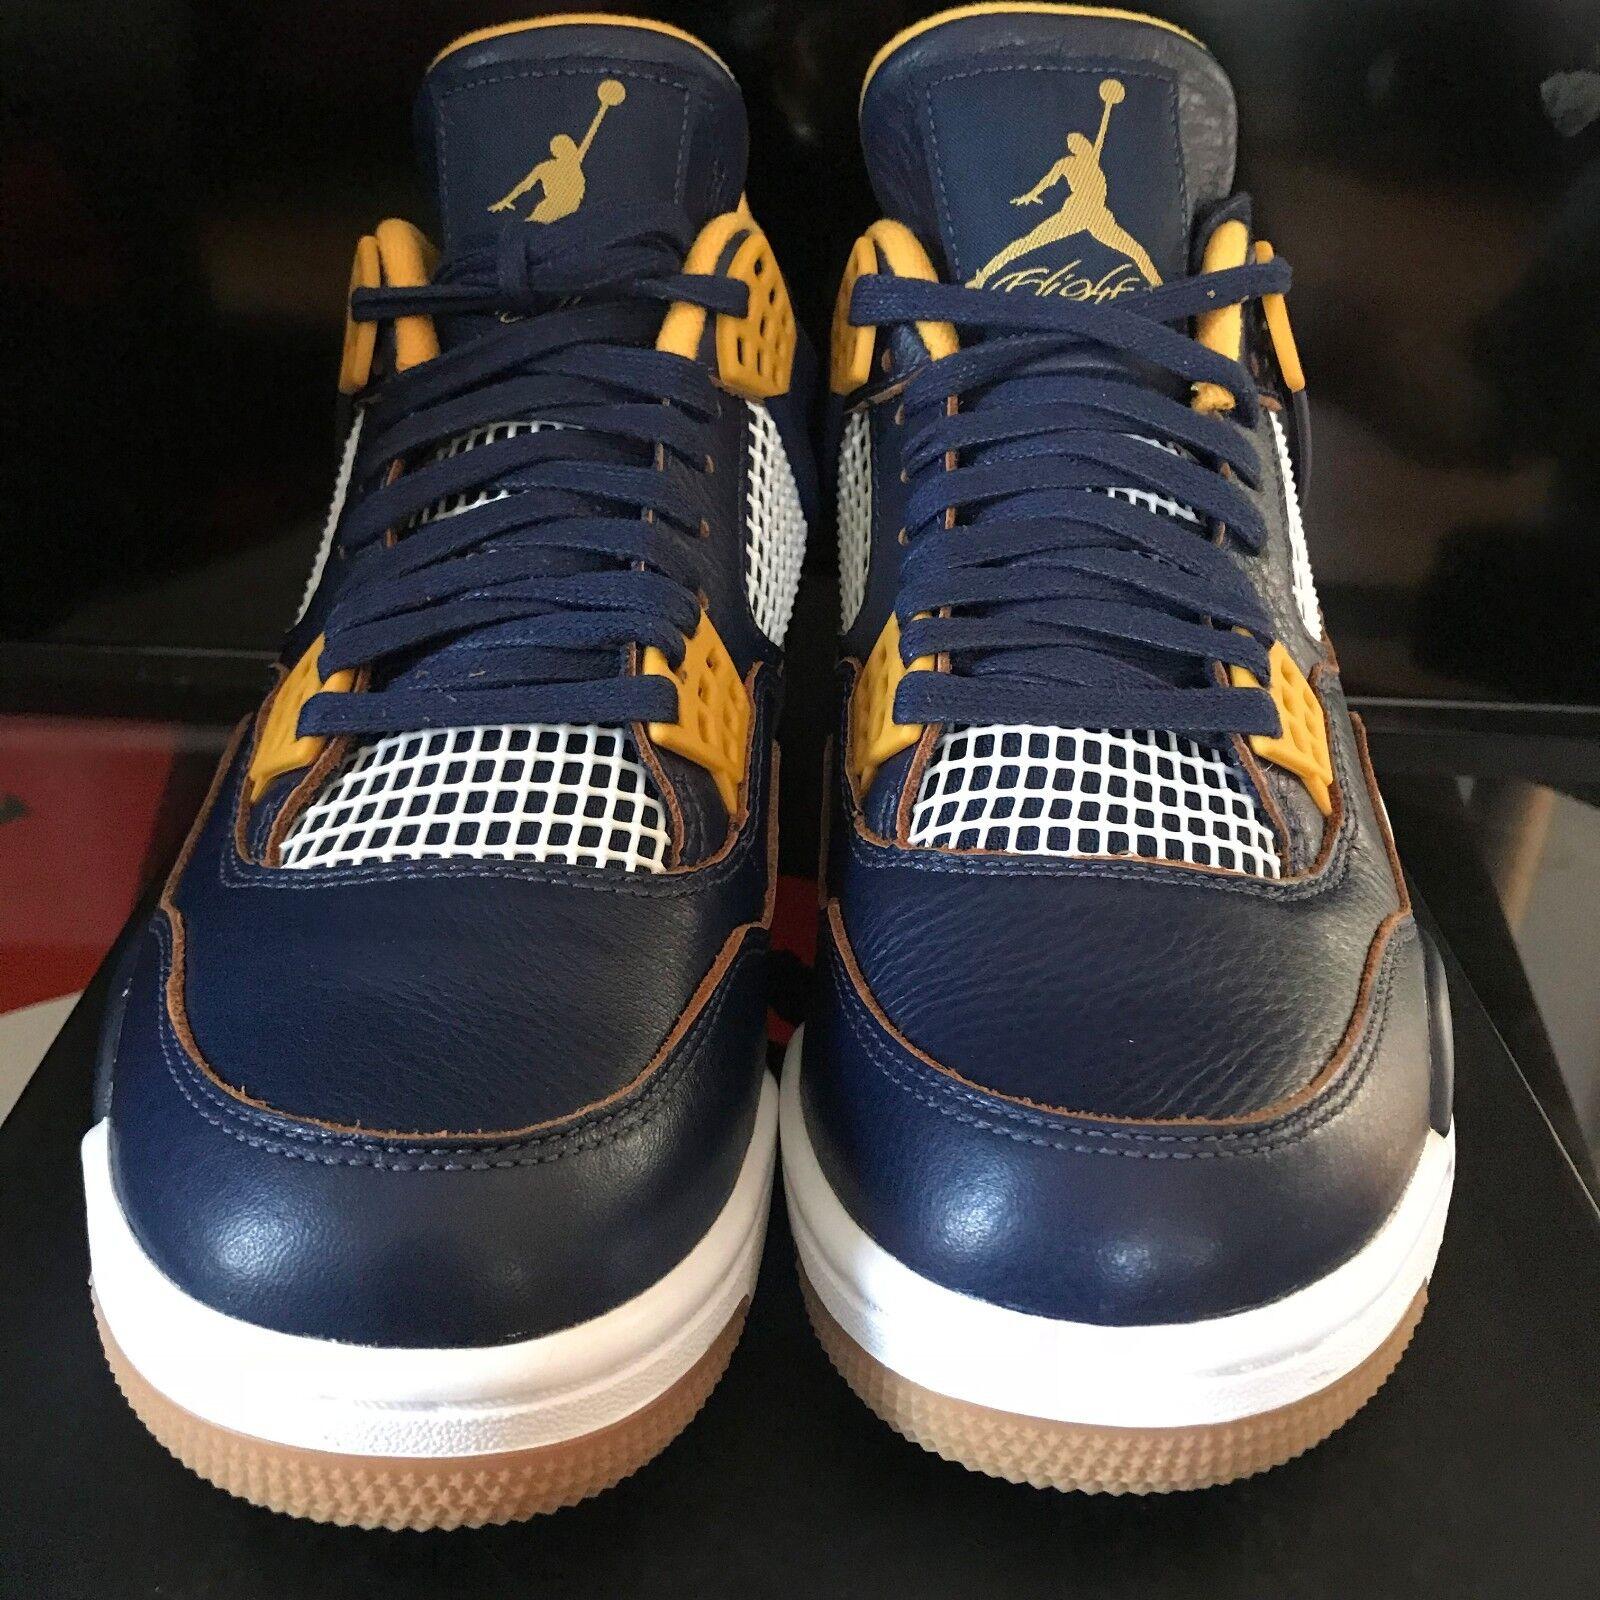 Nike air jordan 4 iv retrò 308497-425 schiacciata da sopra il blu scuro, oro sz